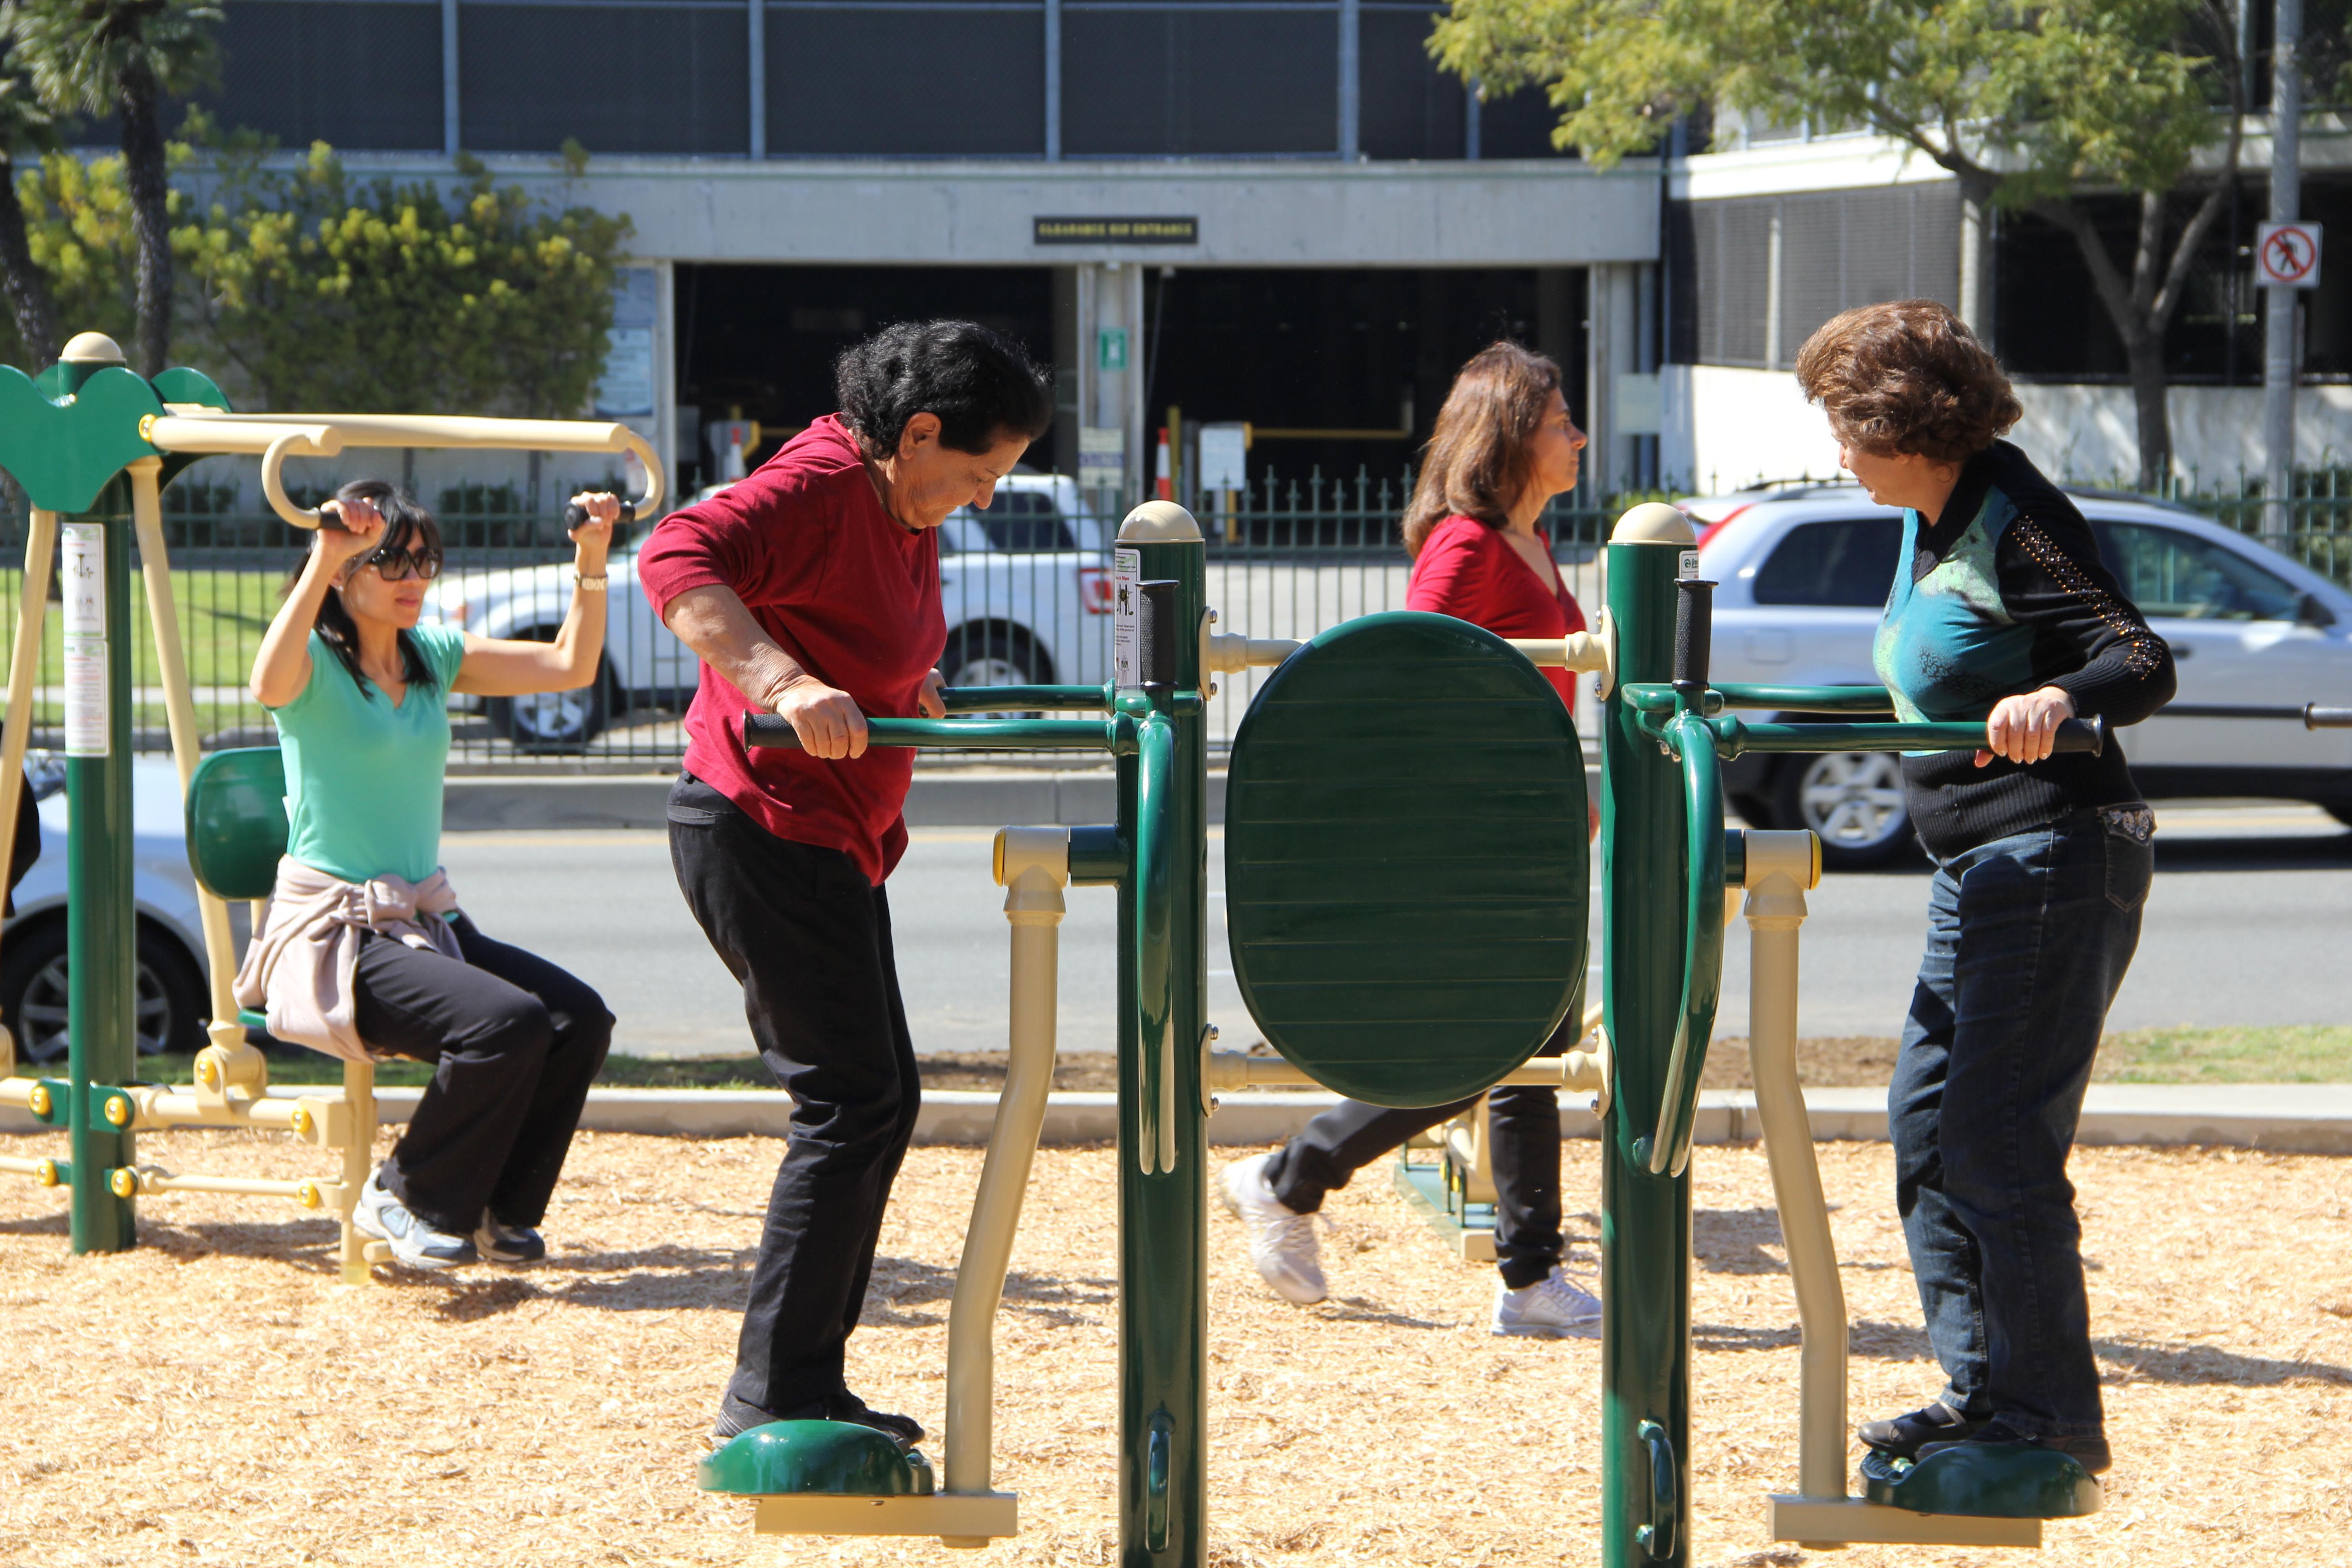 La Cienega Outdoor Fitness Pavilion